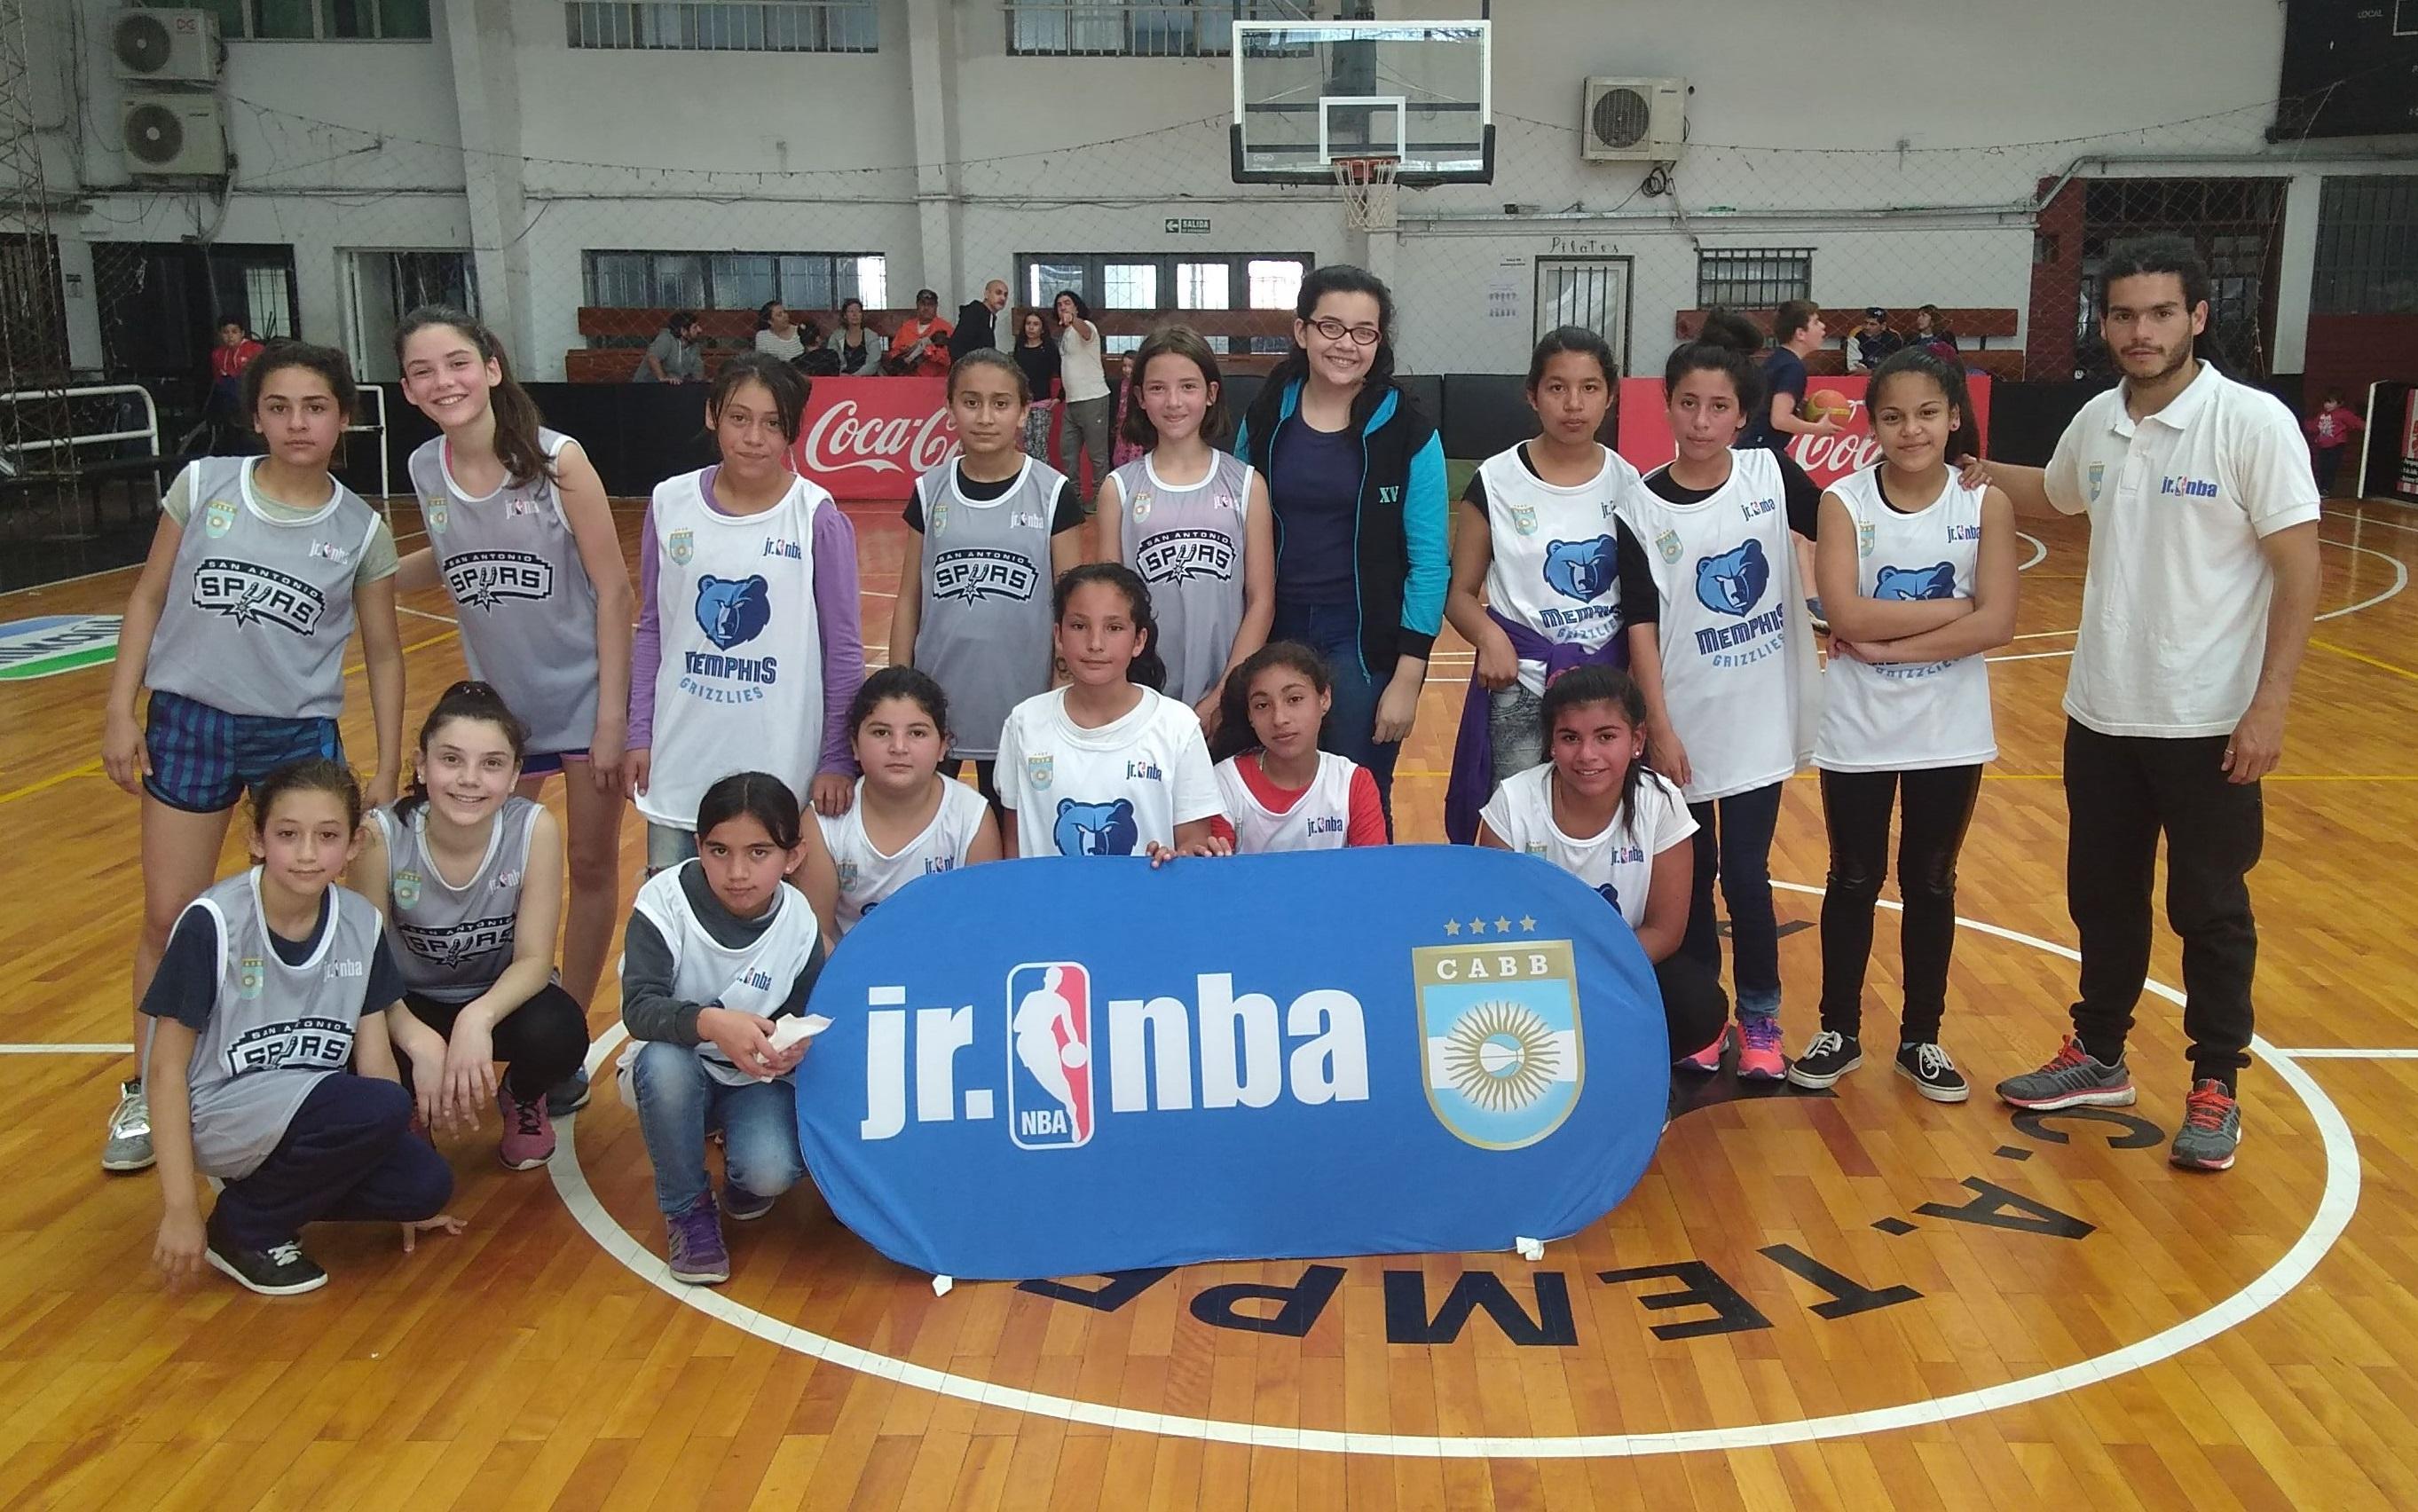 El Jr. NBA no se detiene en Rosario